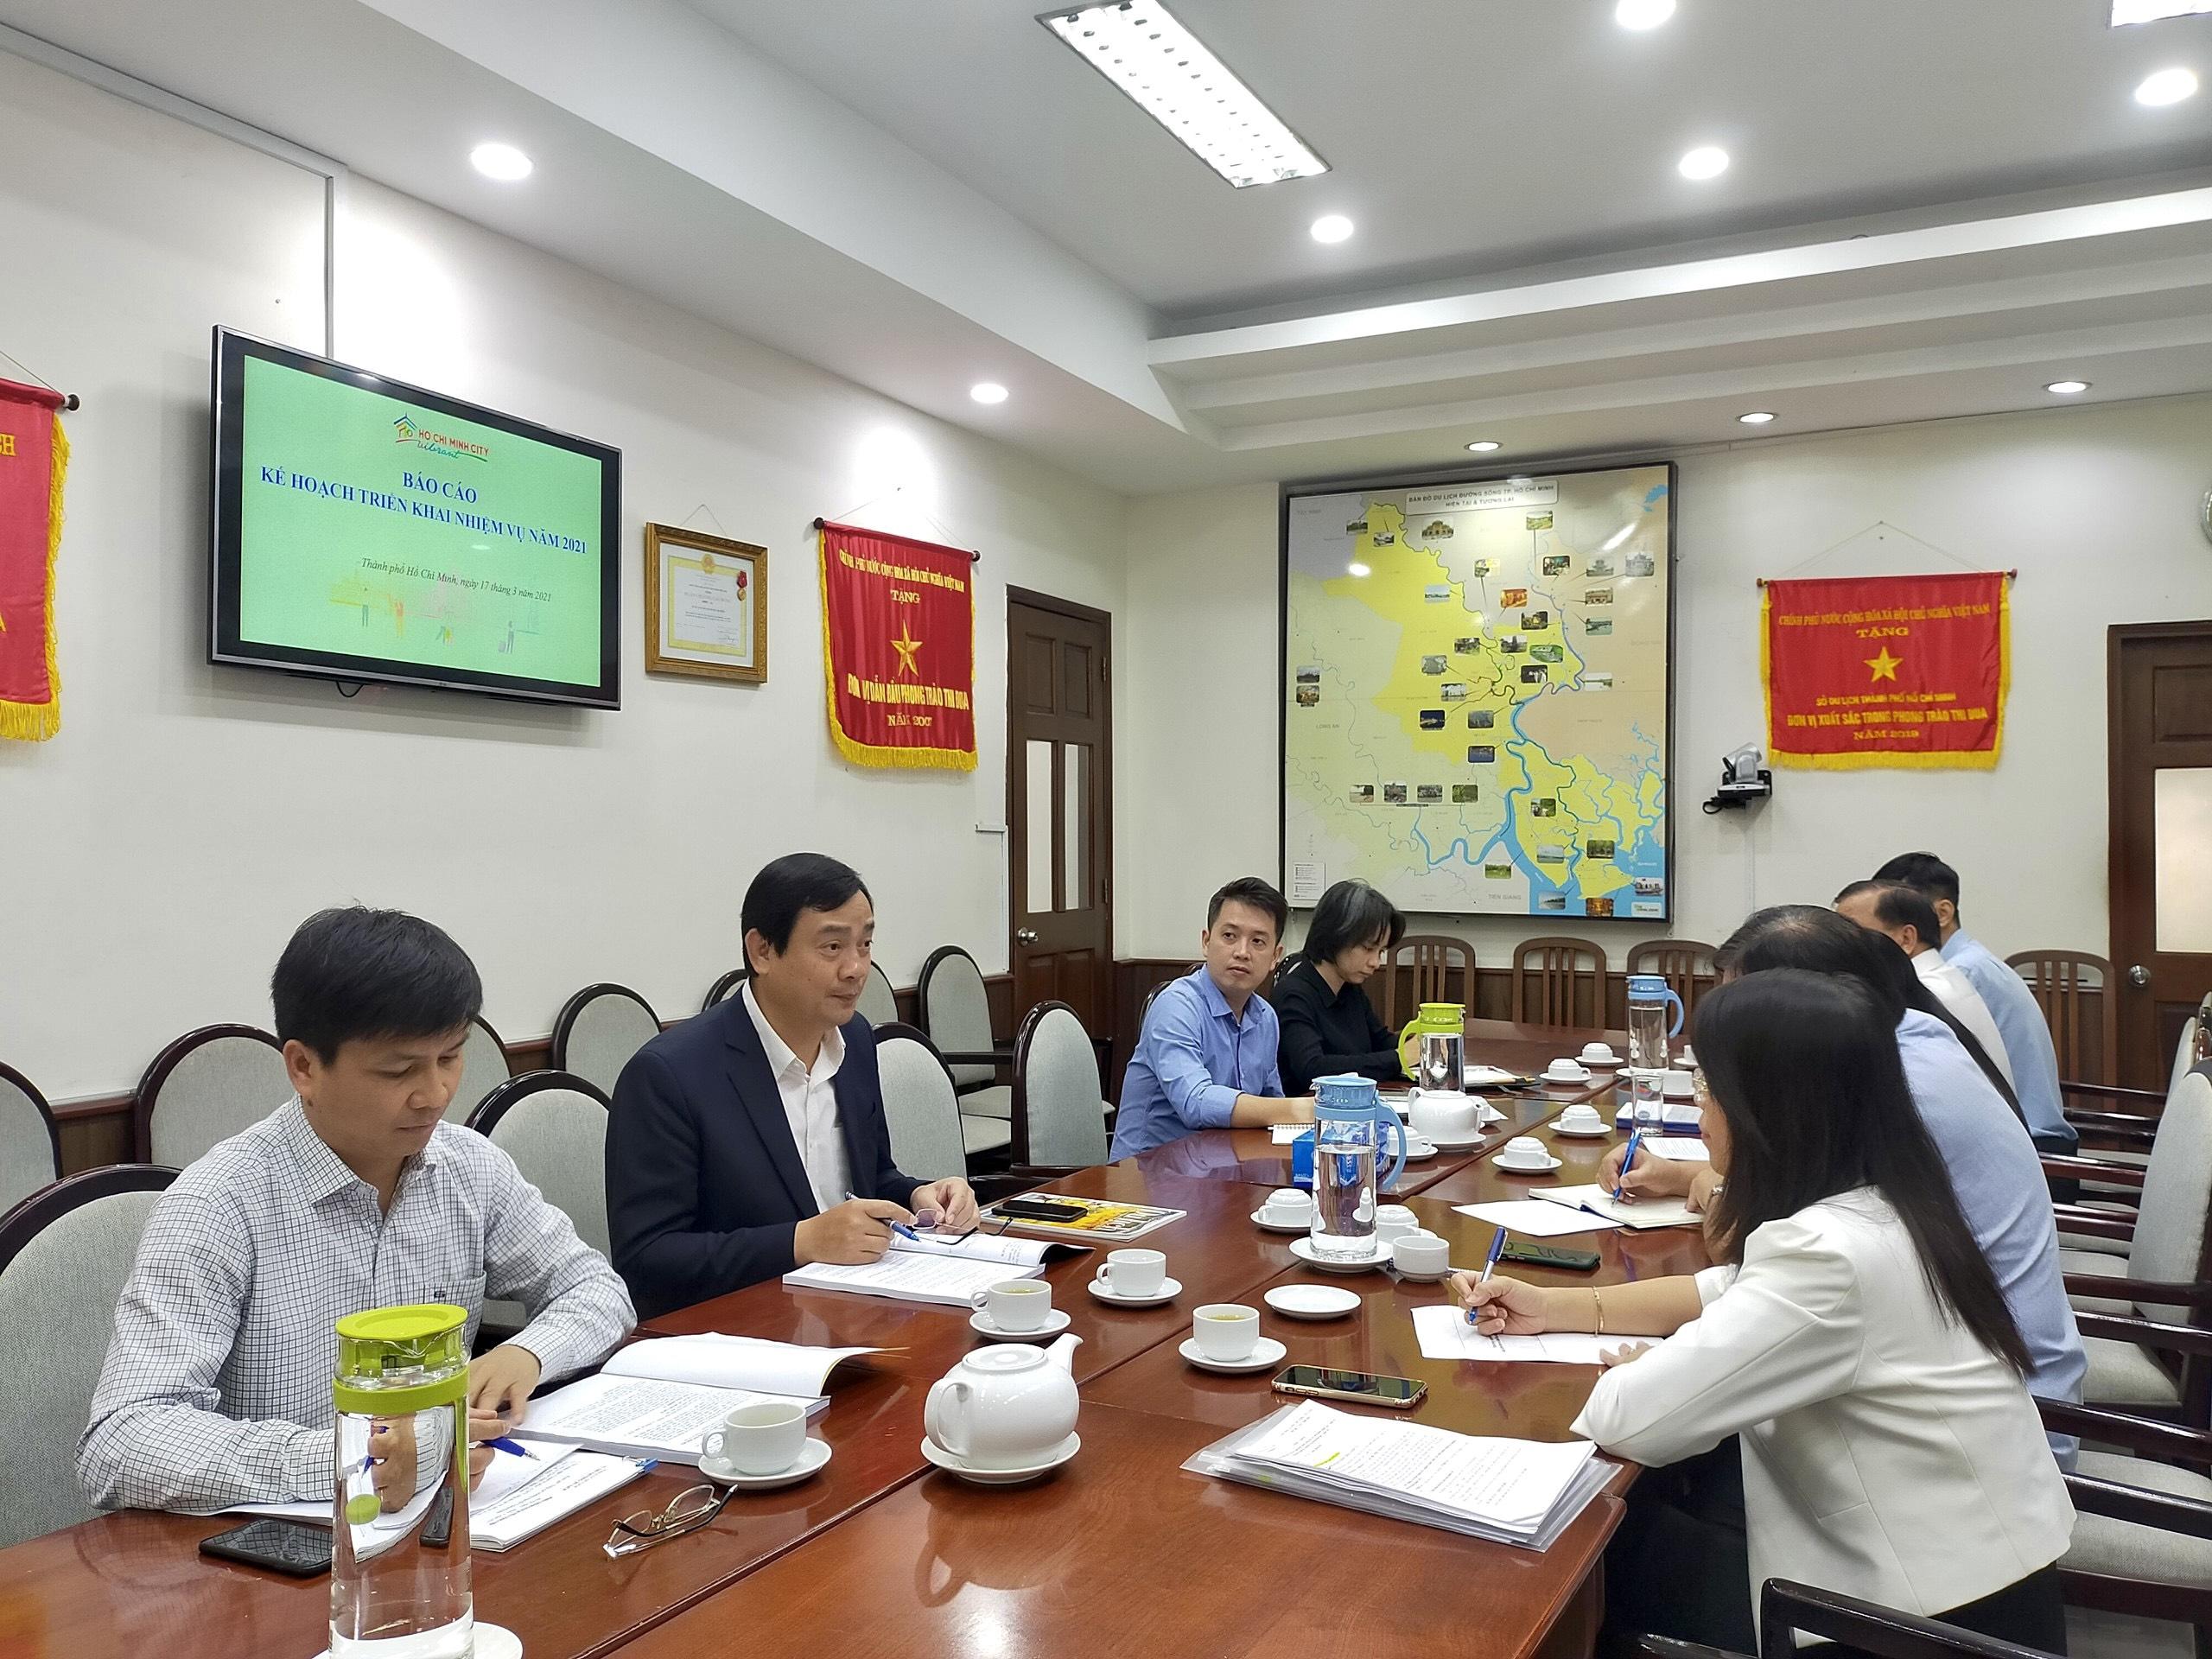 Tổng cục trưởng Nguyễn Trùng Khánh: Tổng cục Du lịch cùng đồng hành triển khai hiệu quả liên kết giữa TP.HCM và các địa phương